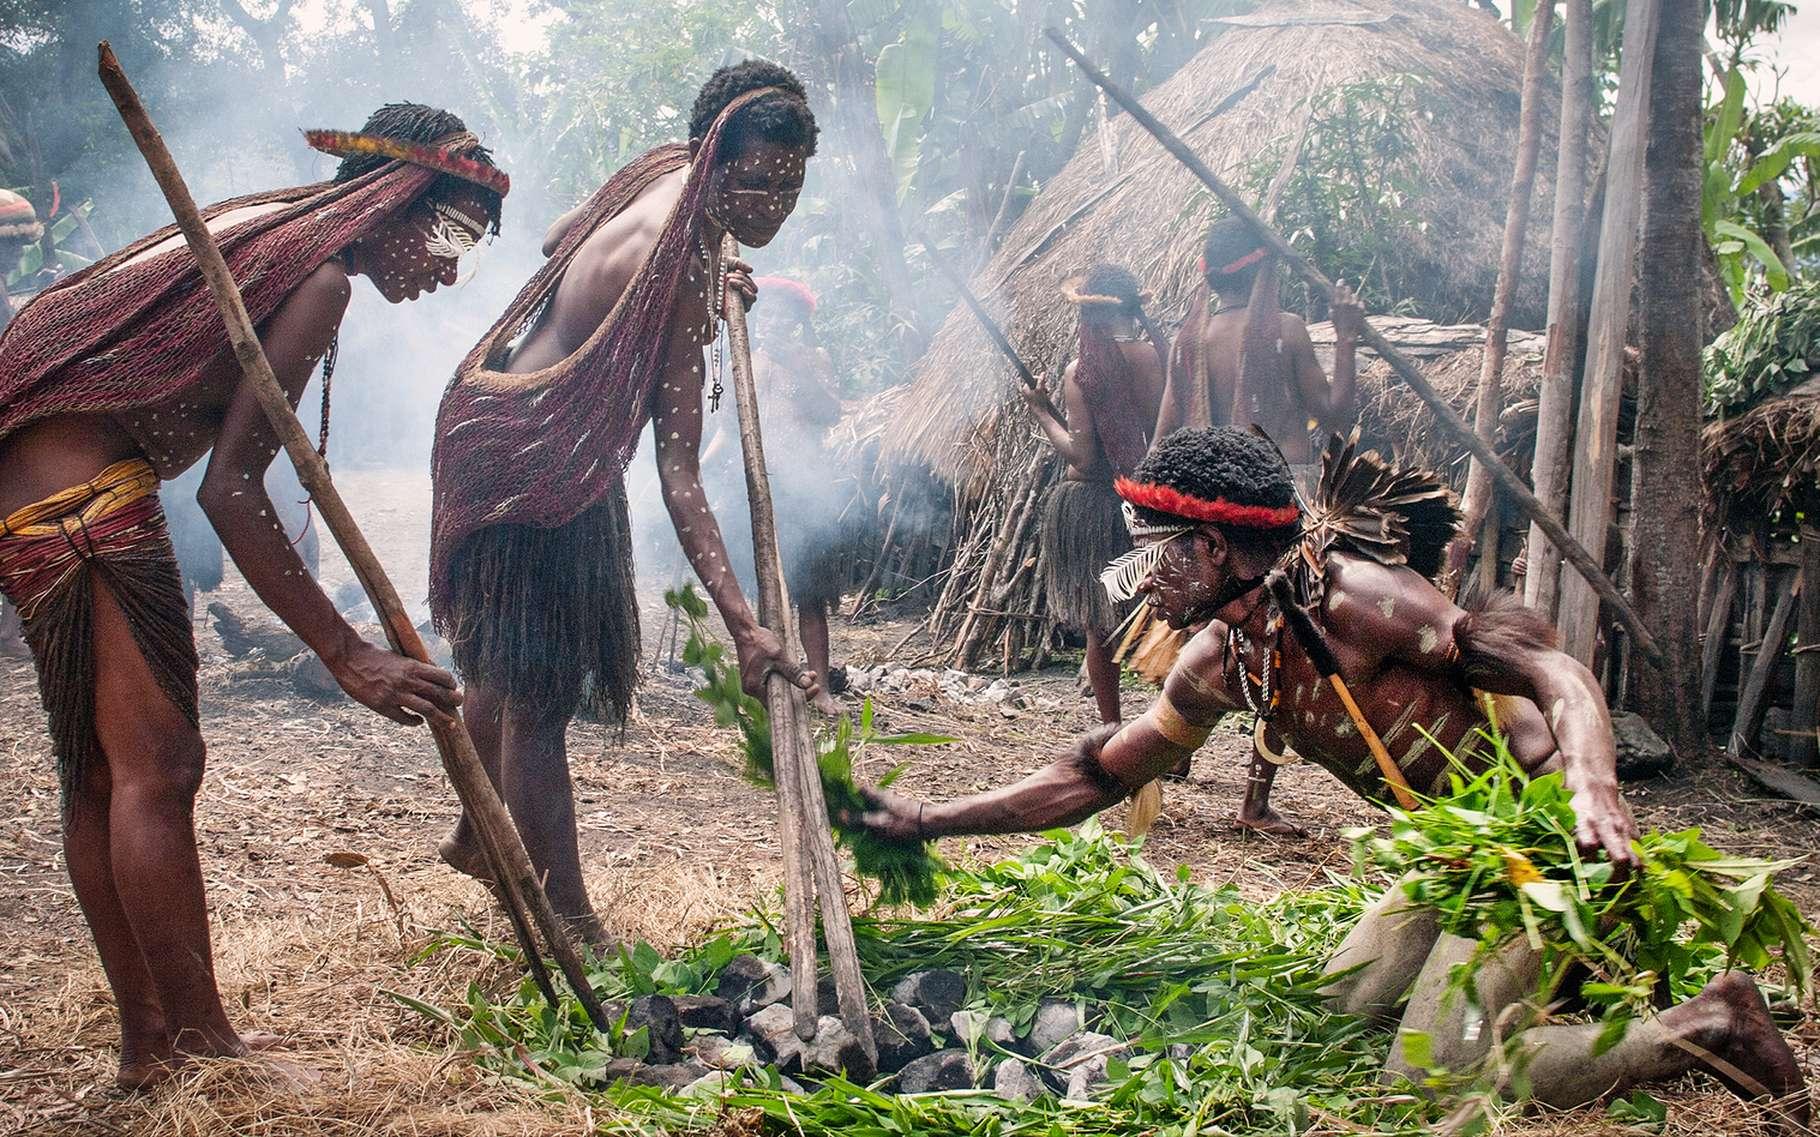 Les Papous forment un peuple de chasseurs-cueilleurs habitant l'île de Nouvelle-Guinée. © Byelikova Oksana, Shutterstock